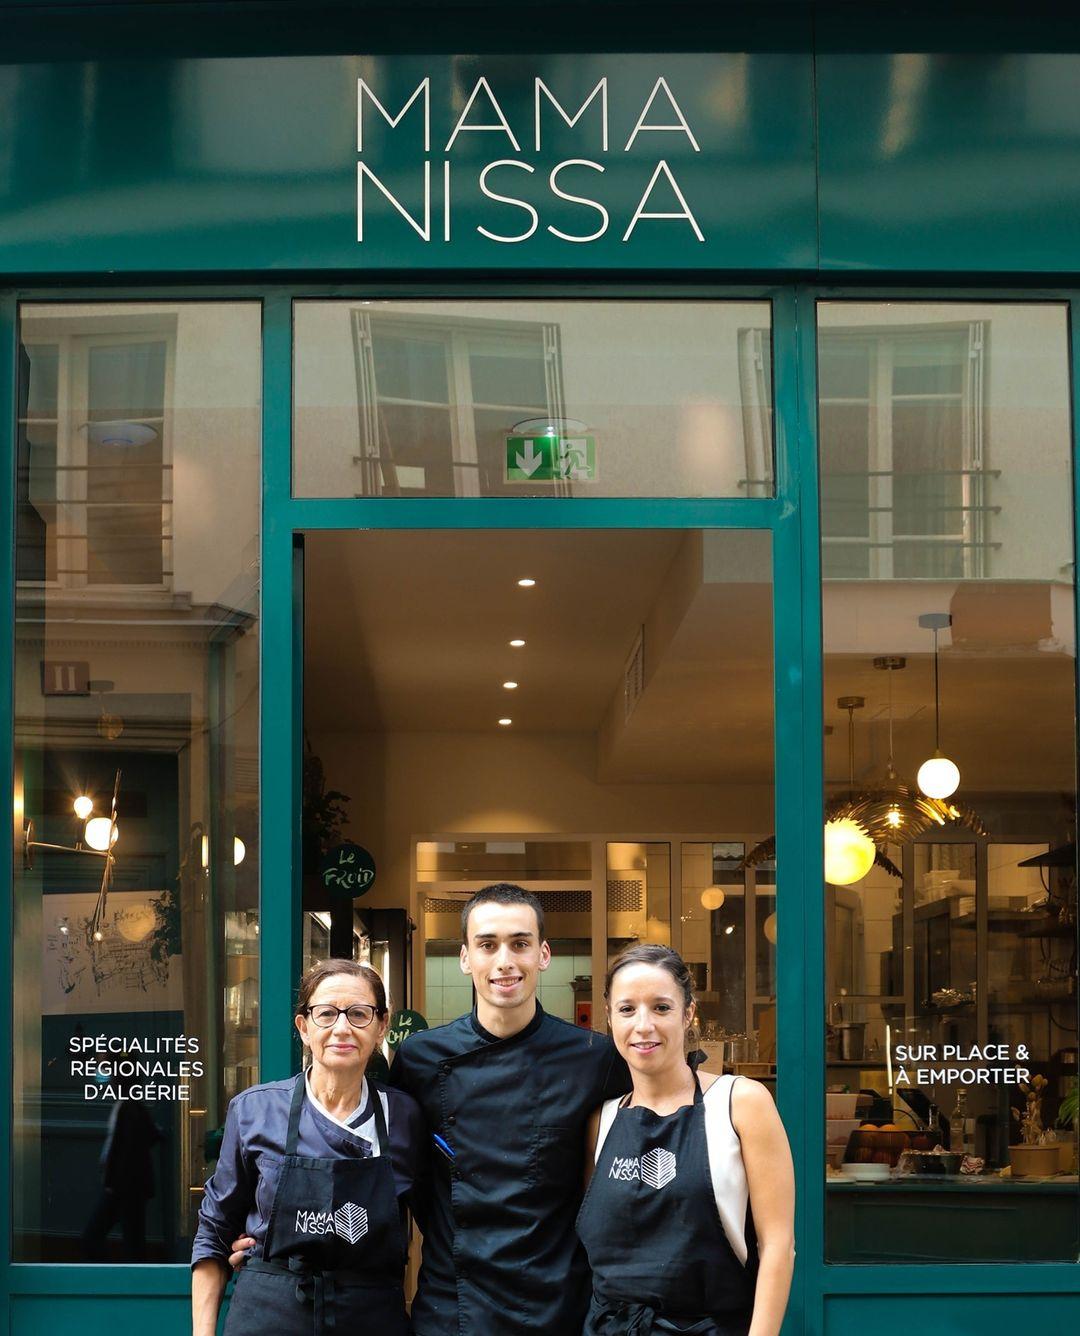 Mama nissa, spécialités de streetfood algériennes à Paris